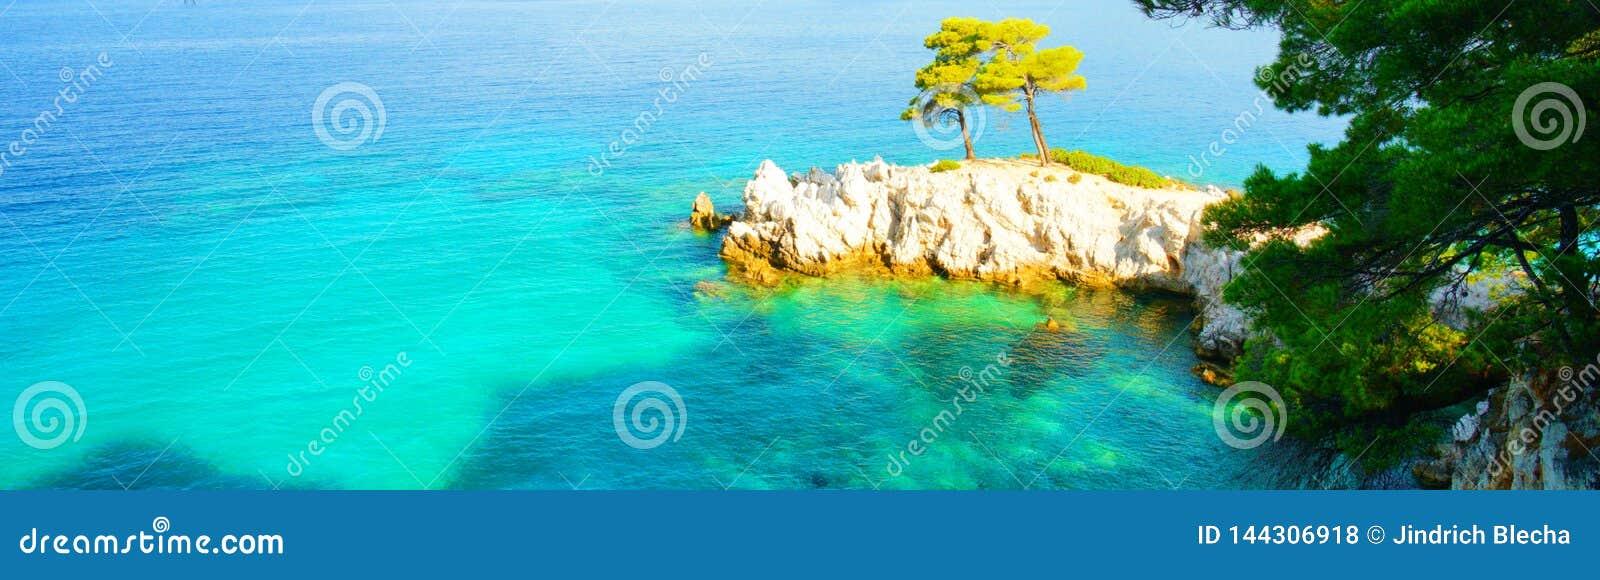 绿松石水、松树和斯科派洛斯岛,希腊岩石海岸线